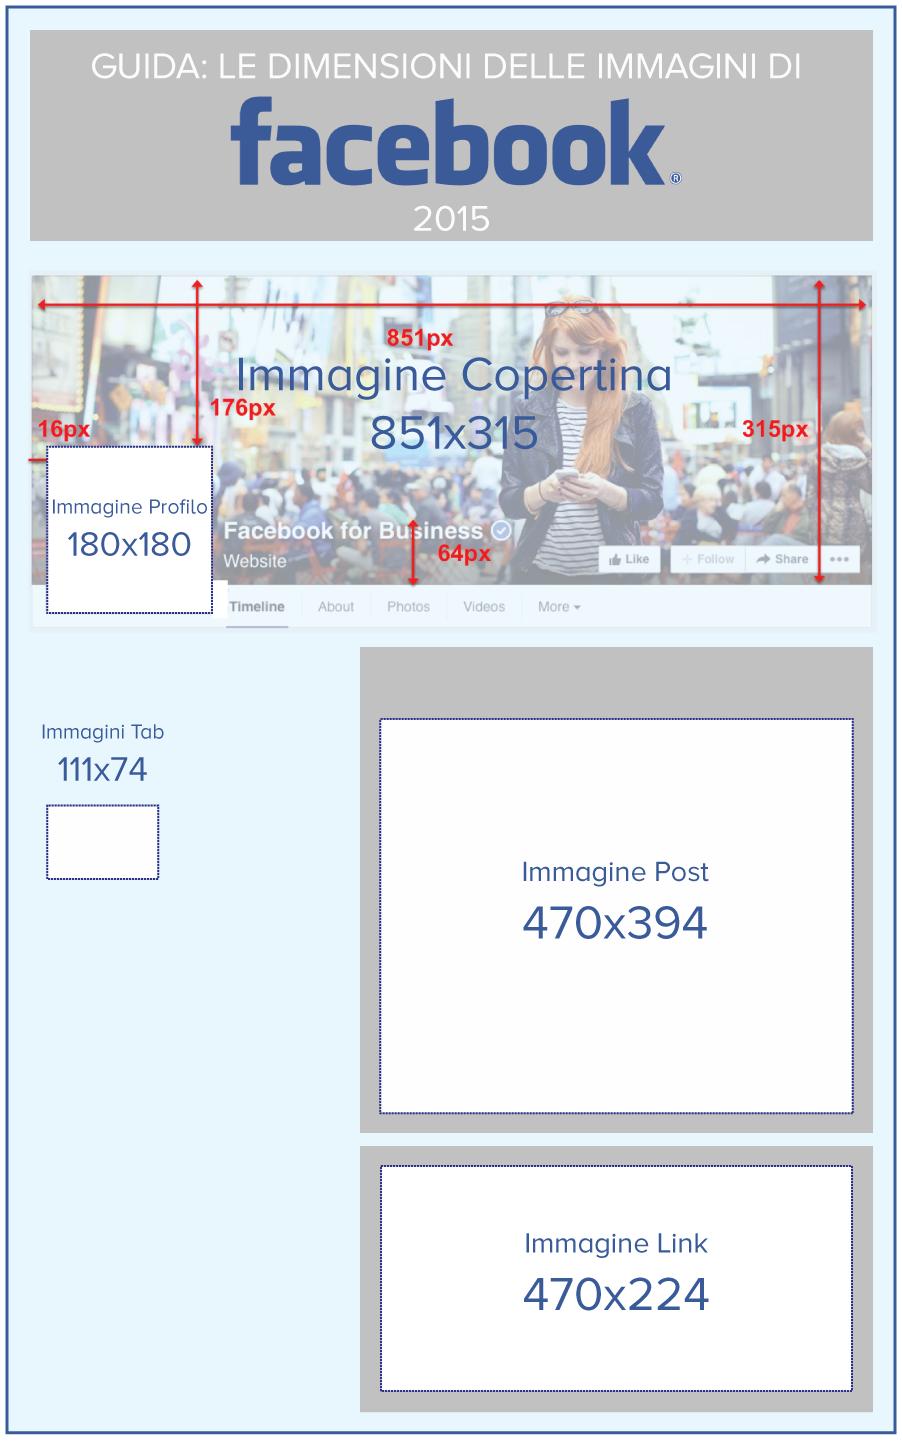 le dimensioni delle immagini di facebook